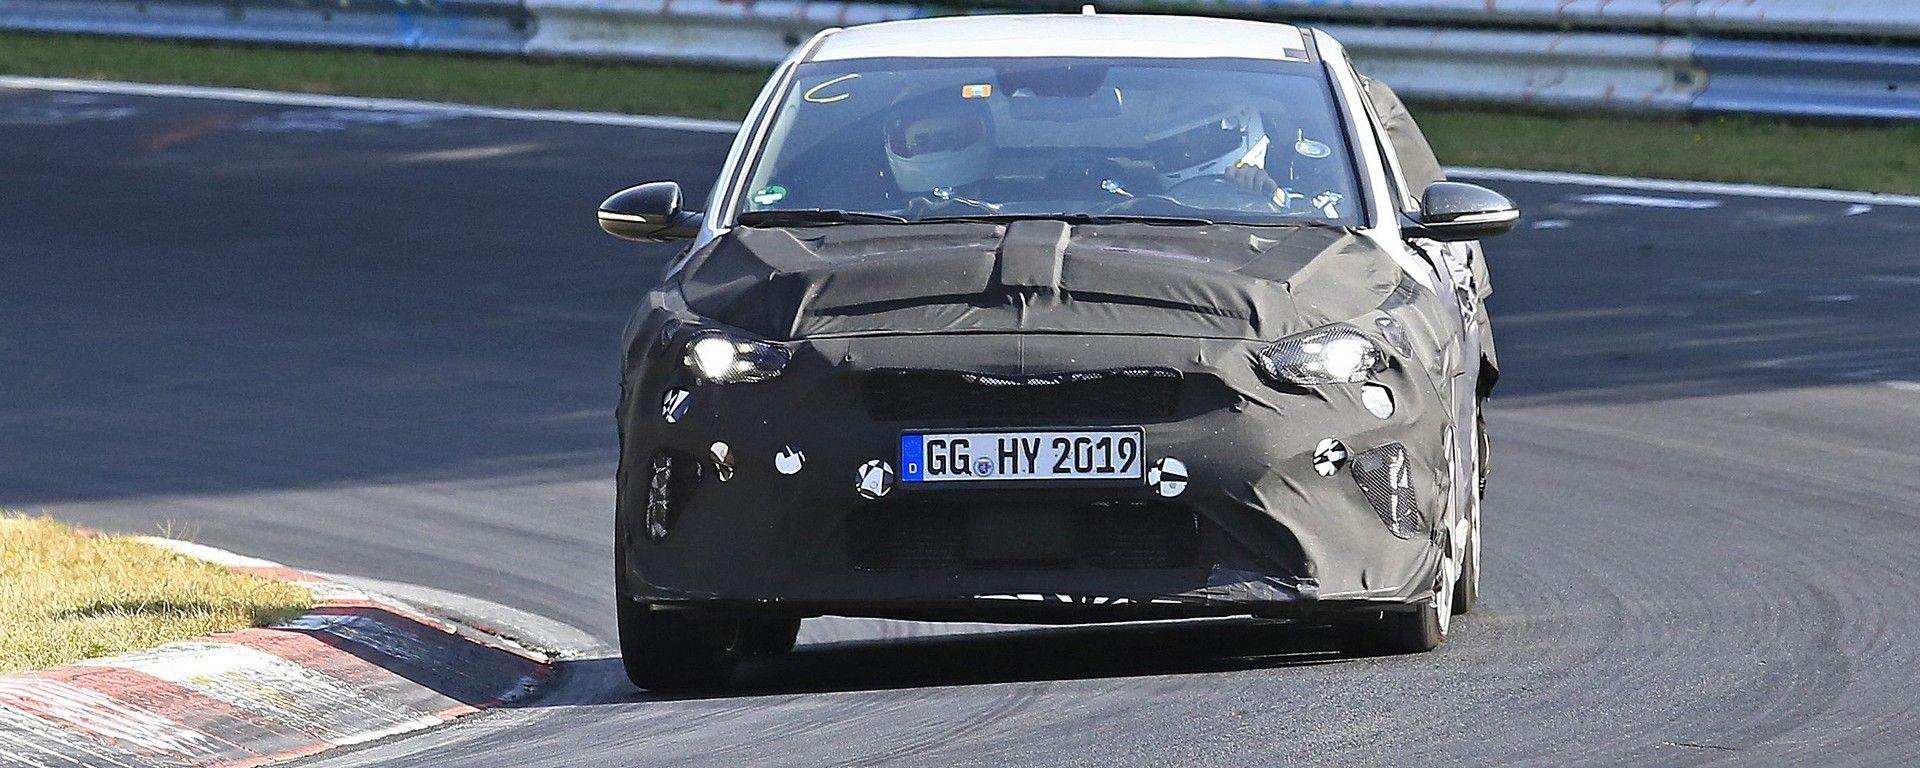 Nuova Kia Ceed GT 2019 nei test al Nurburgring